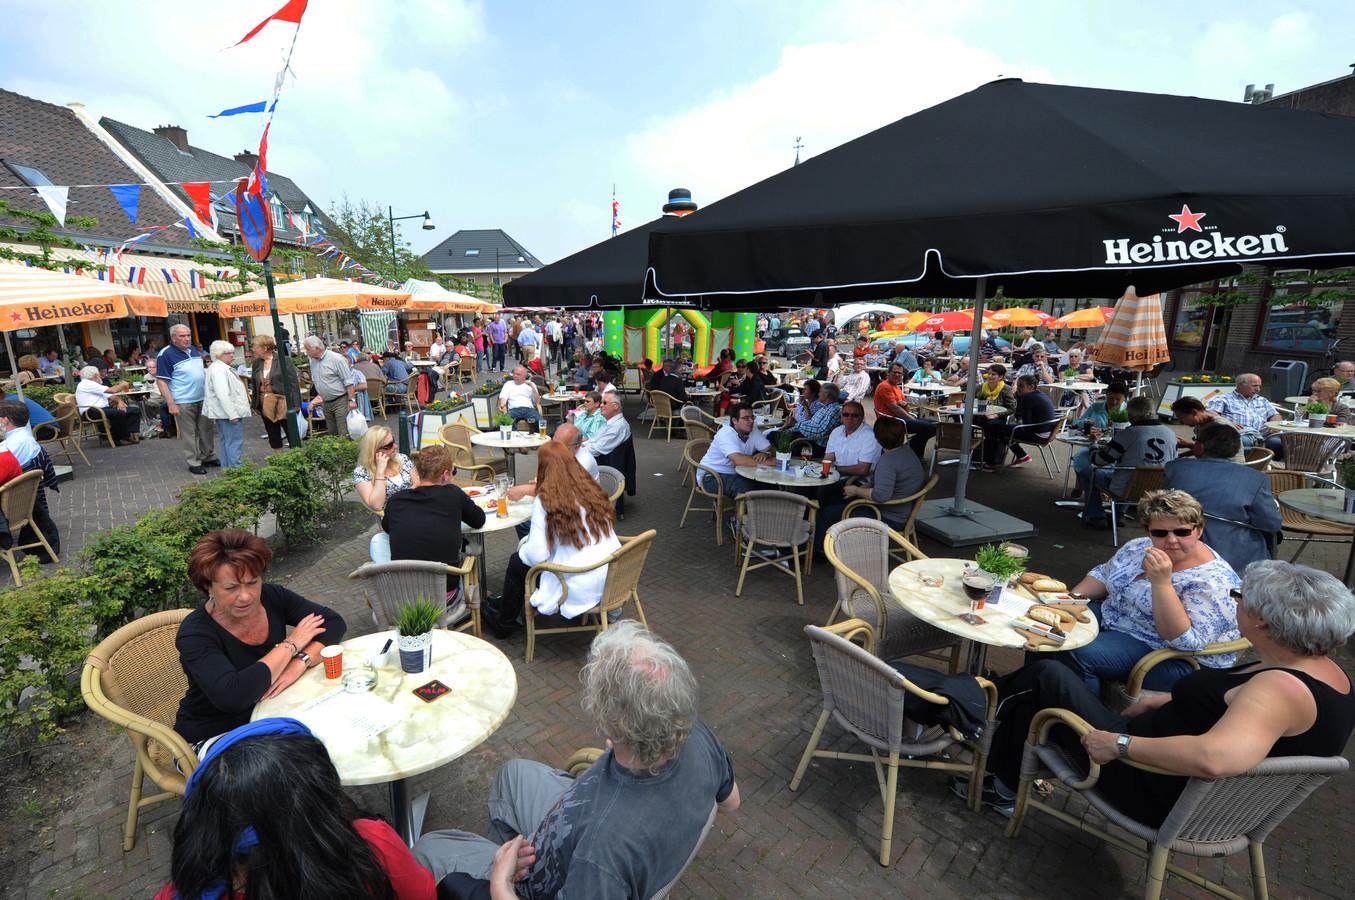 Terras in kruisland feestelijk geopend foto - Foto sluit een overdekt terras ...